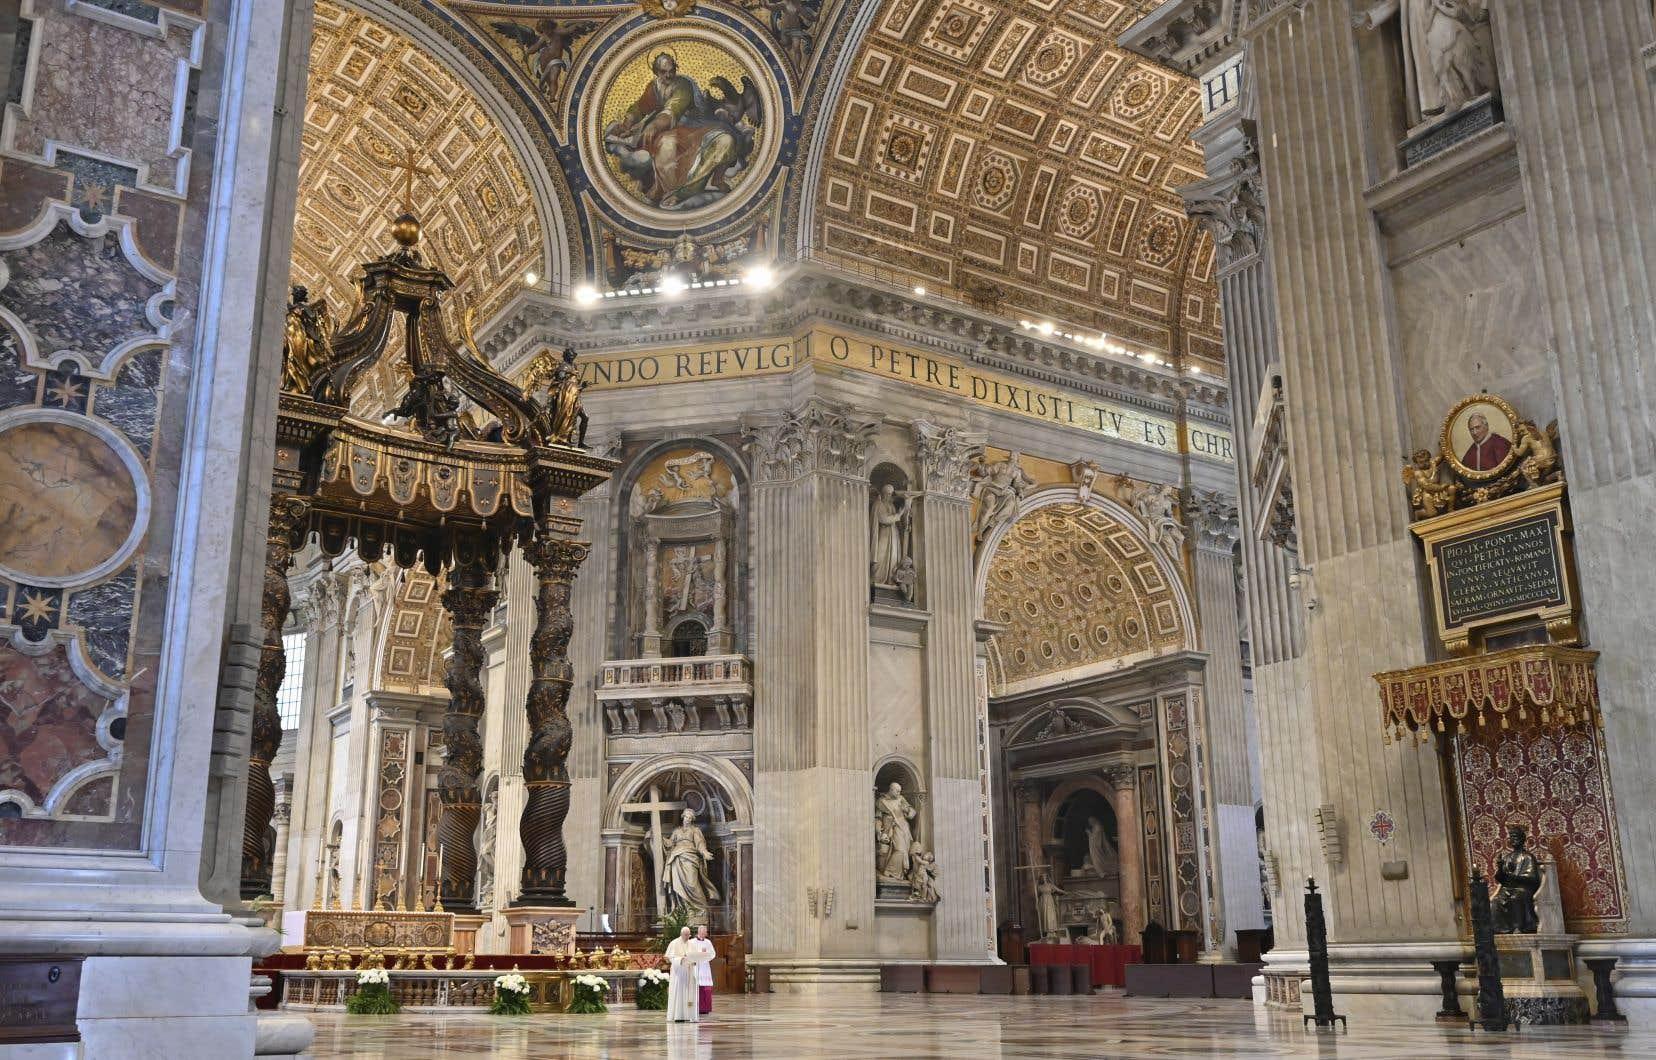 Depuis l'intérieur de l'immense basilique Saint-Pierre presque vide à l'heure du confinement, le pape François (en blanc, en bas à gauche de la photo) a présidé la messe de Pâques.